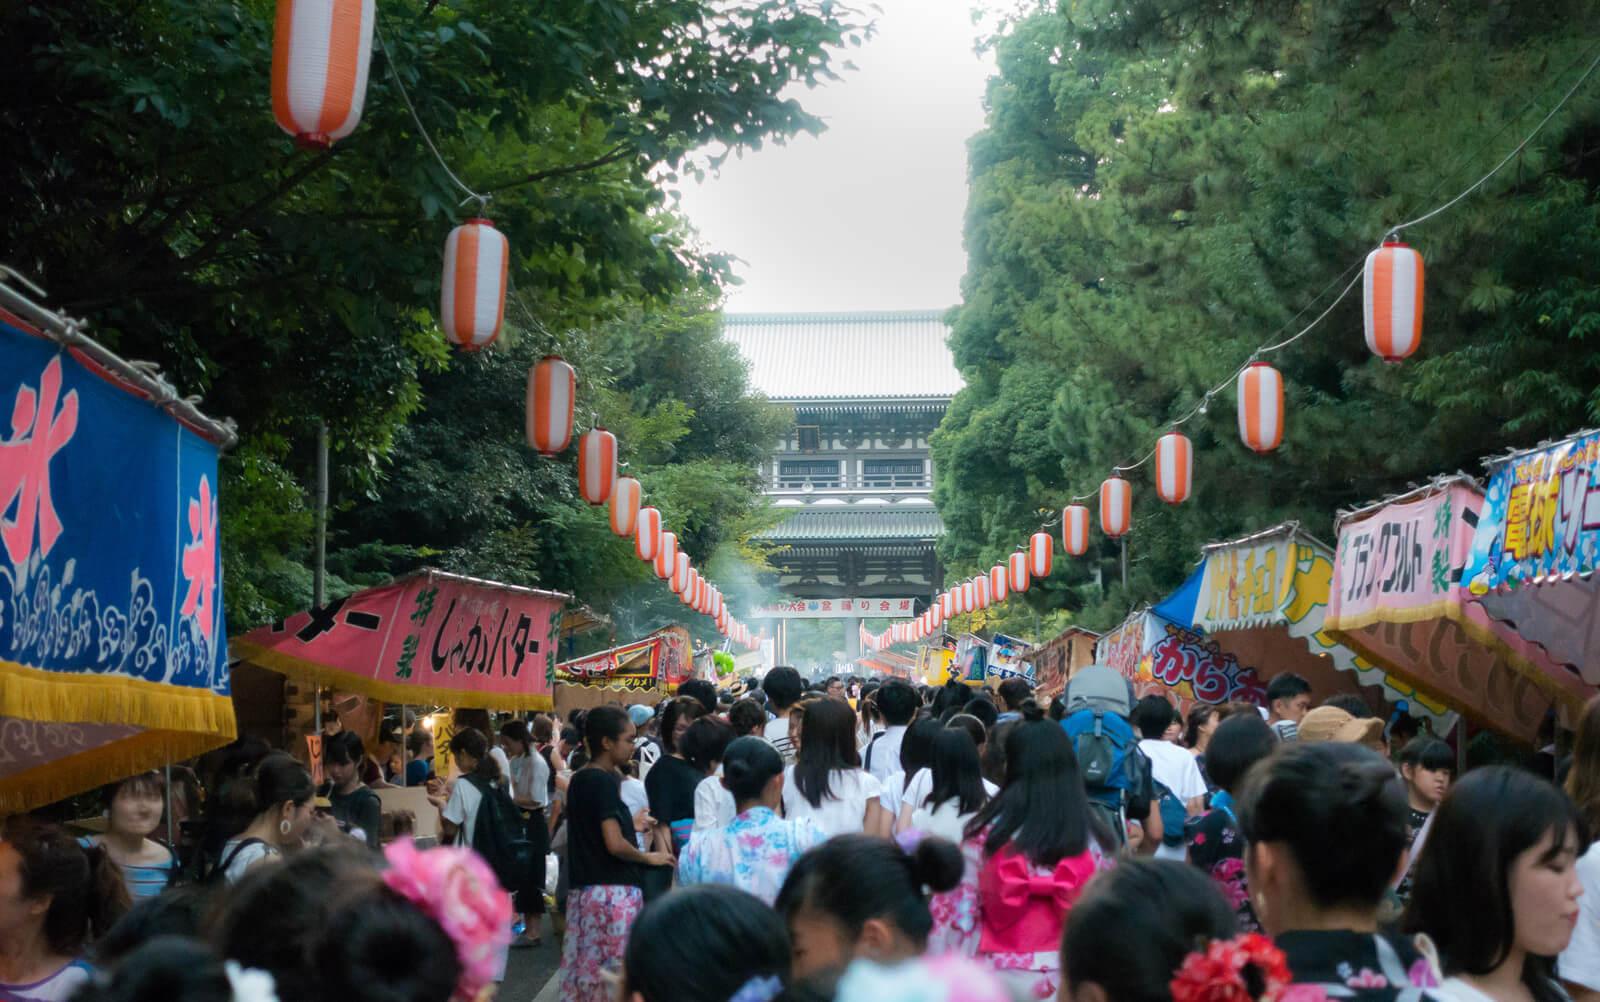 【TRAVEL Q&A】夏天前往日本旅遊前要先知道的事!日本的夏季推薦觀光體驗有? MMNQA、日本旅行、